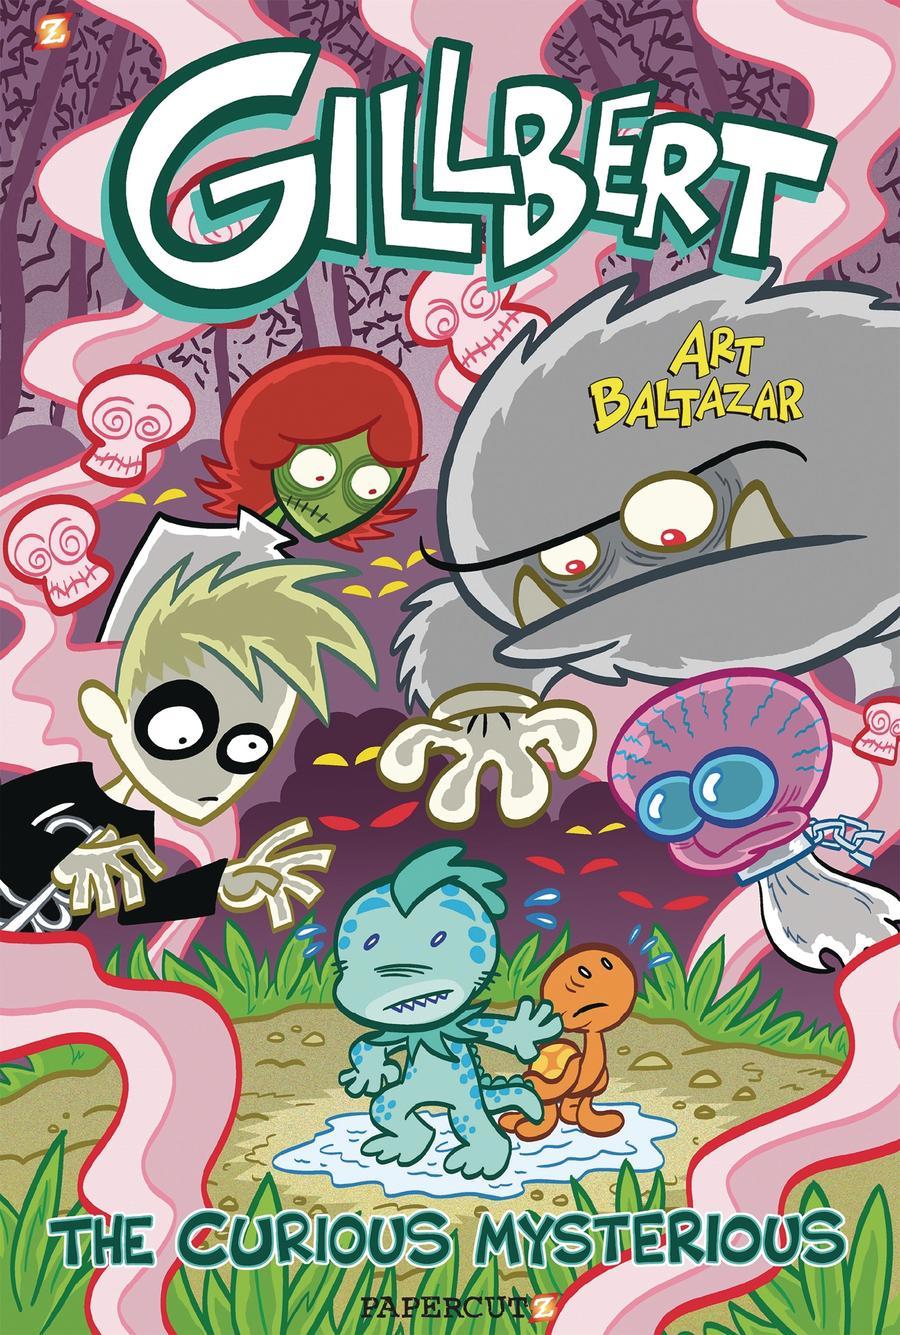 Gillbert The Little Merman Vol 2 Curious Mysterious TP